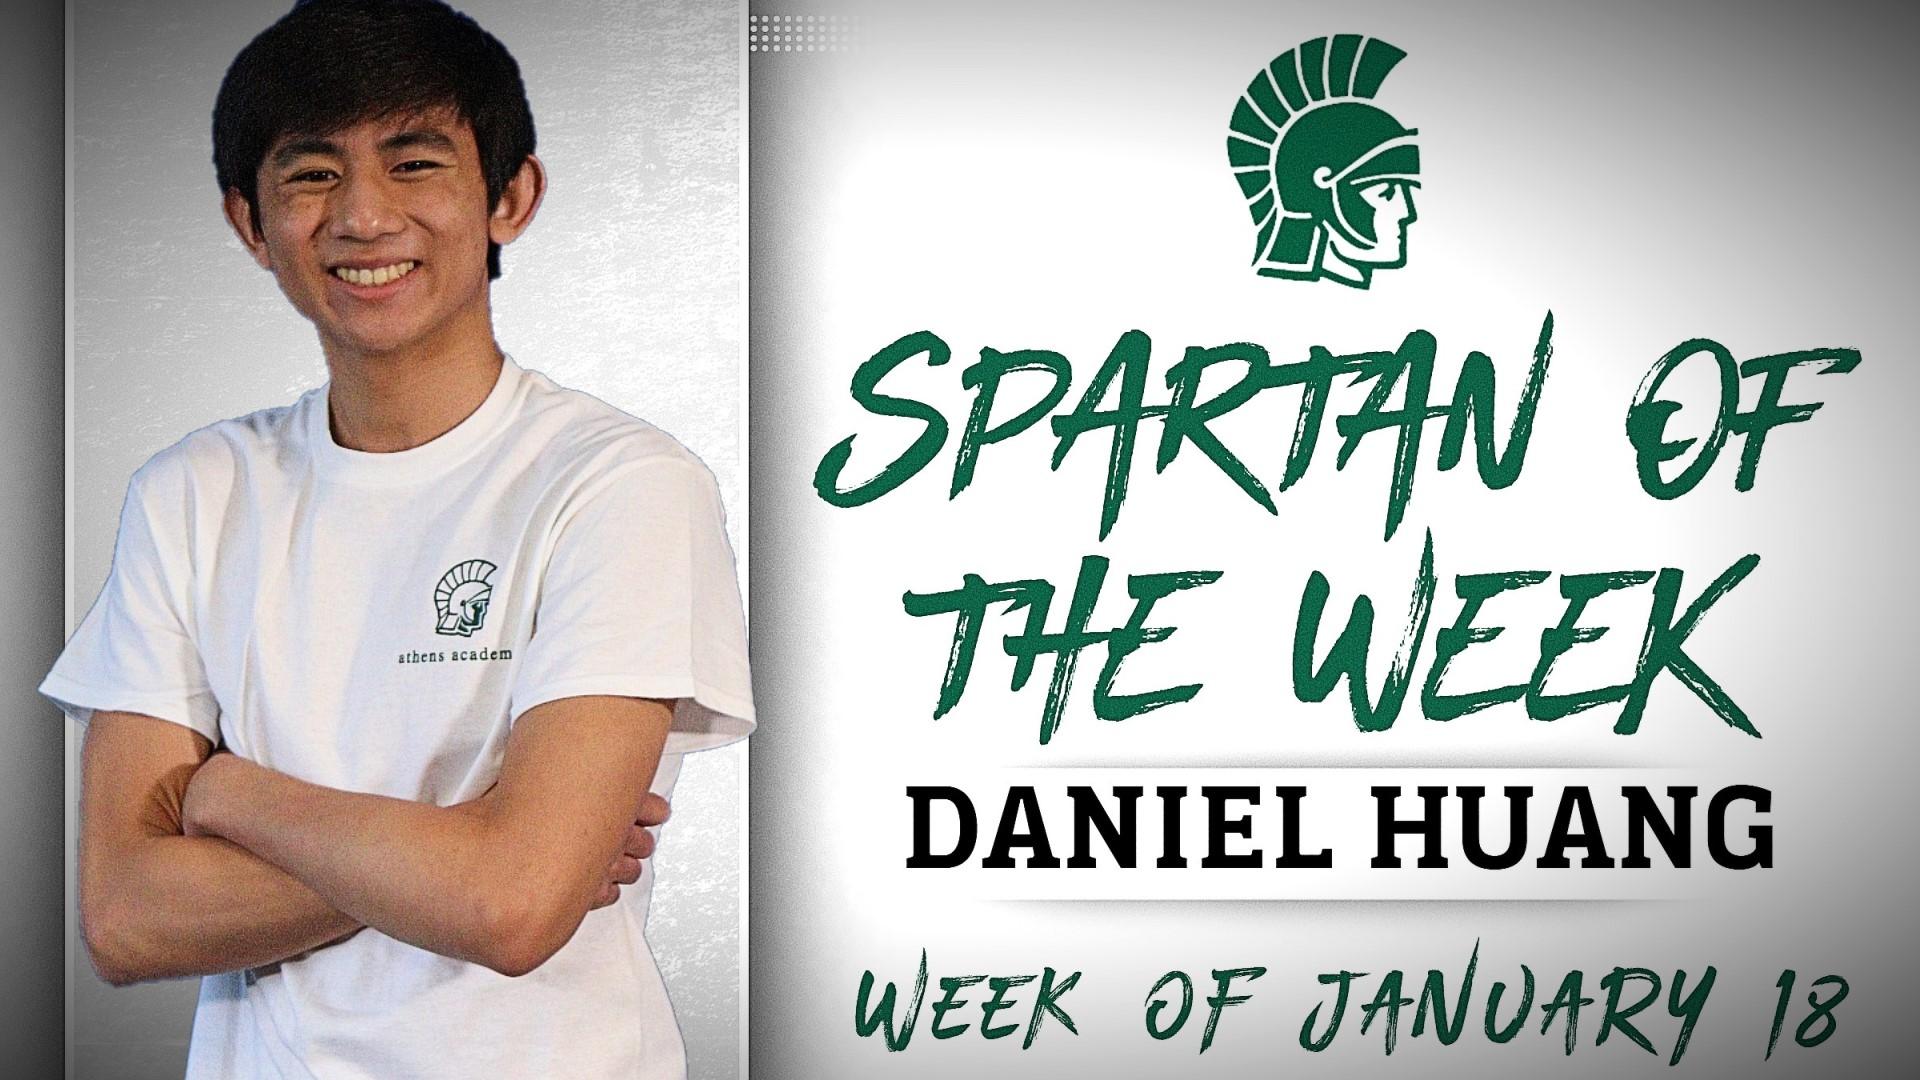 Spartan of the Week - Daniel Huang